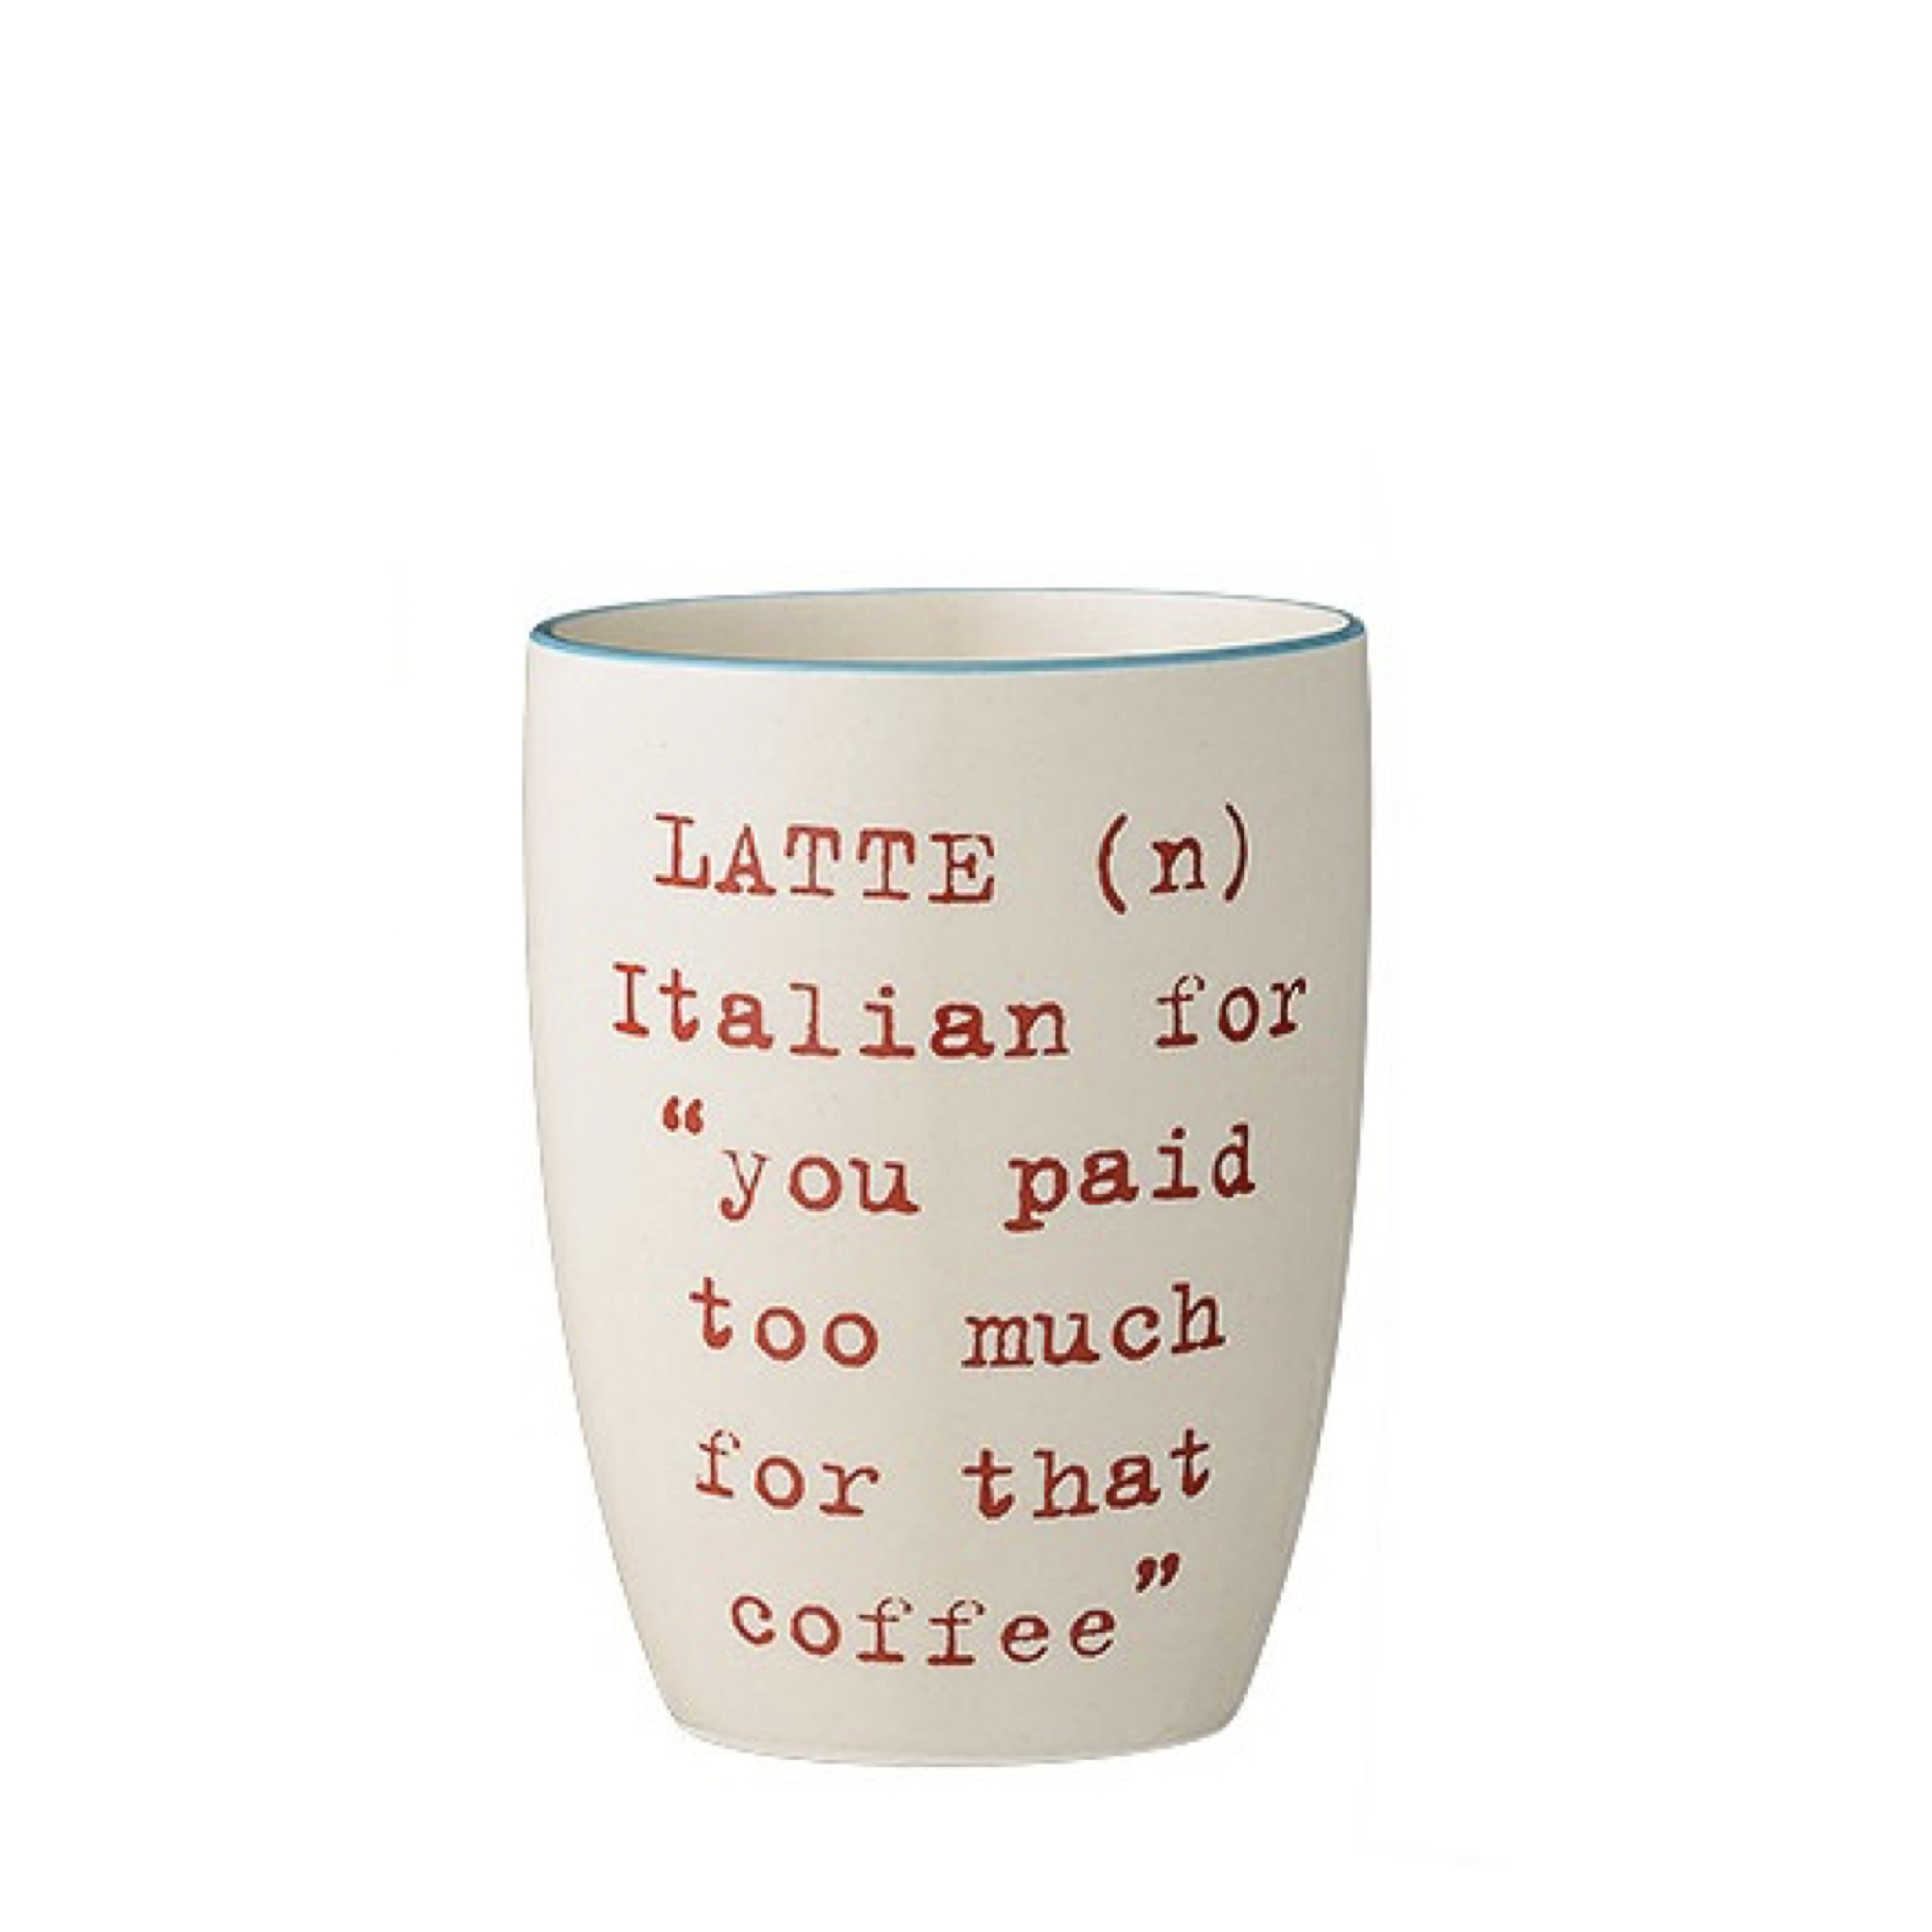 Кружка Latte RedПосуда<br><br><br>stock: 0<br>Высота: 10<br>Материал: Керамика<br>Цвет: Слоновая кость<br>Диаметр: 8